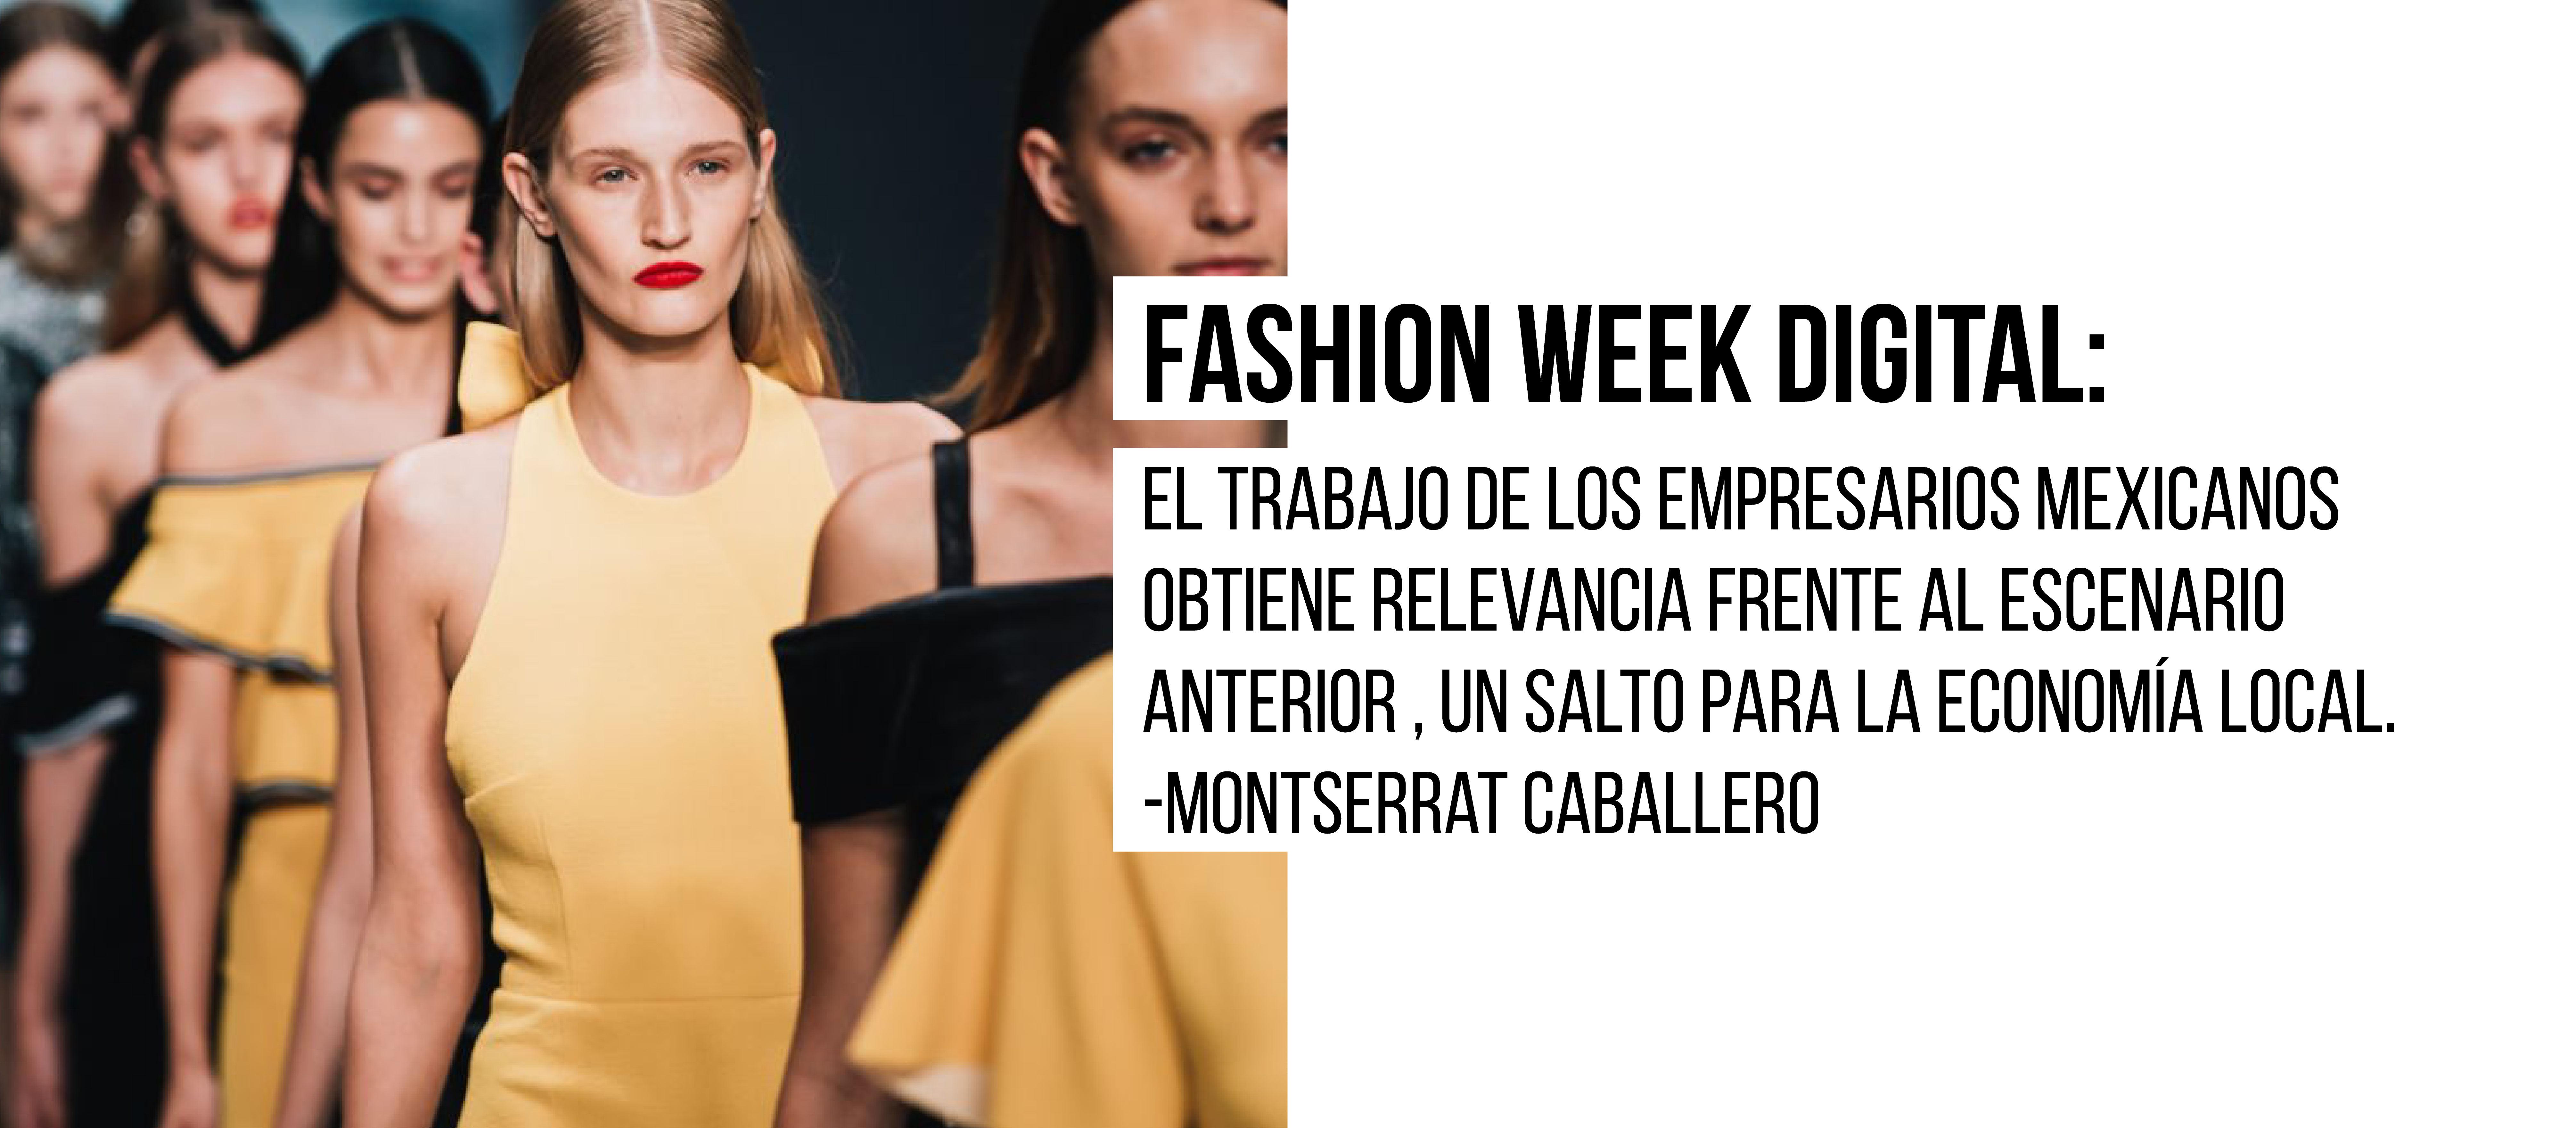 Digital Fashion Week: El trabajo de los empresarios mexicanos obtiene por fin visibilidad.